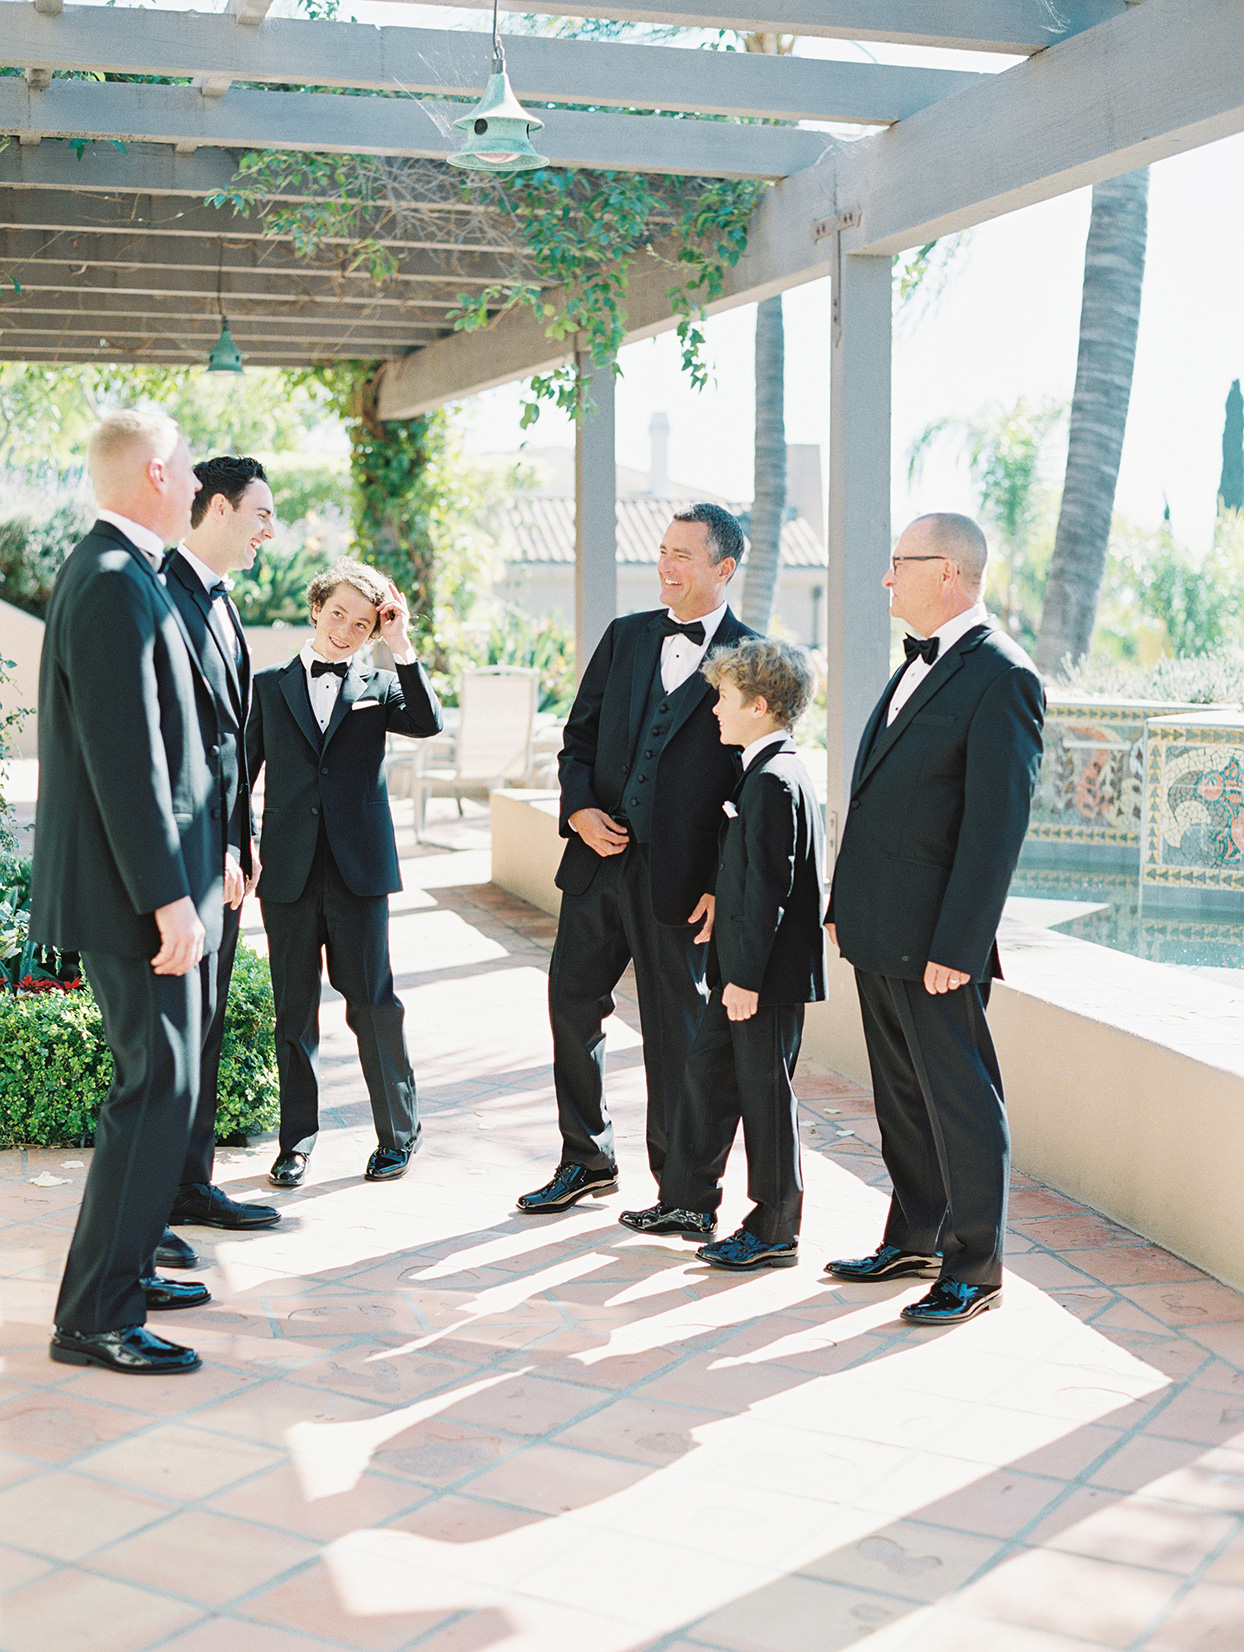 wedding men in black suits standing on patio